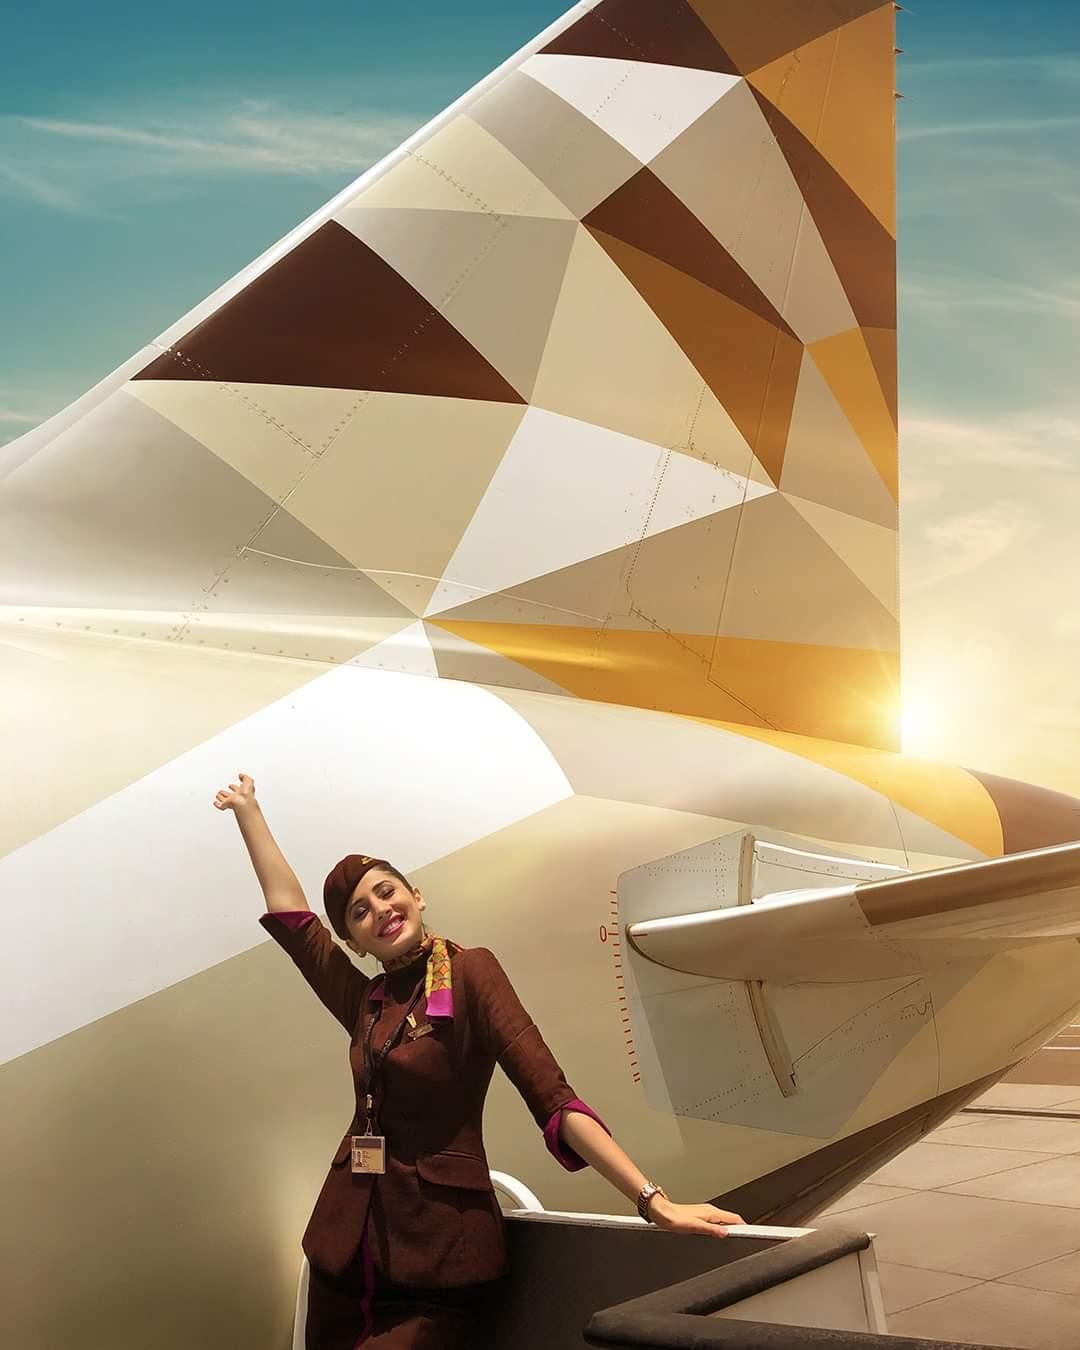 الاتحاد للطيران تعلن تفاصيل عملياتها التشغيلية مع موجز لخططها بشأن استئناف الأعمال